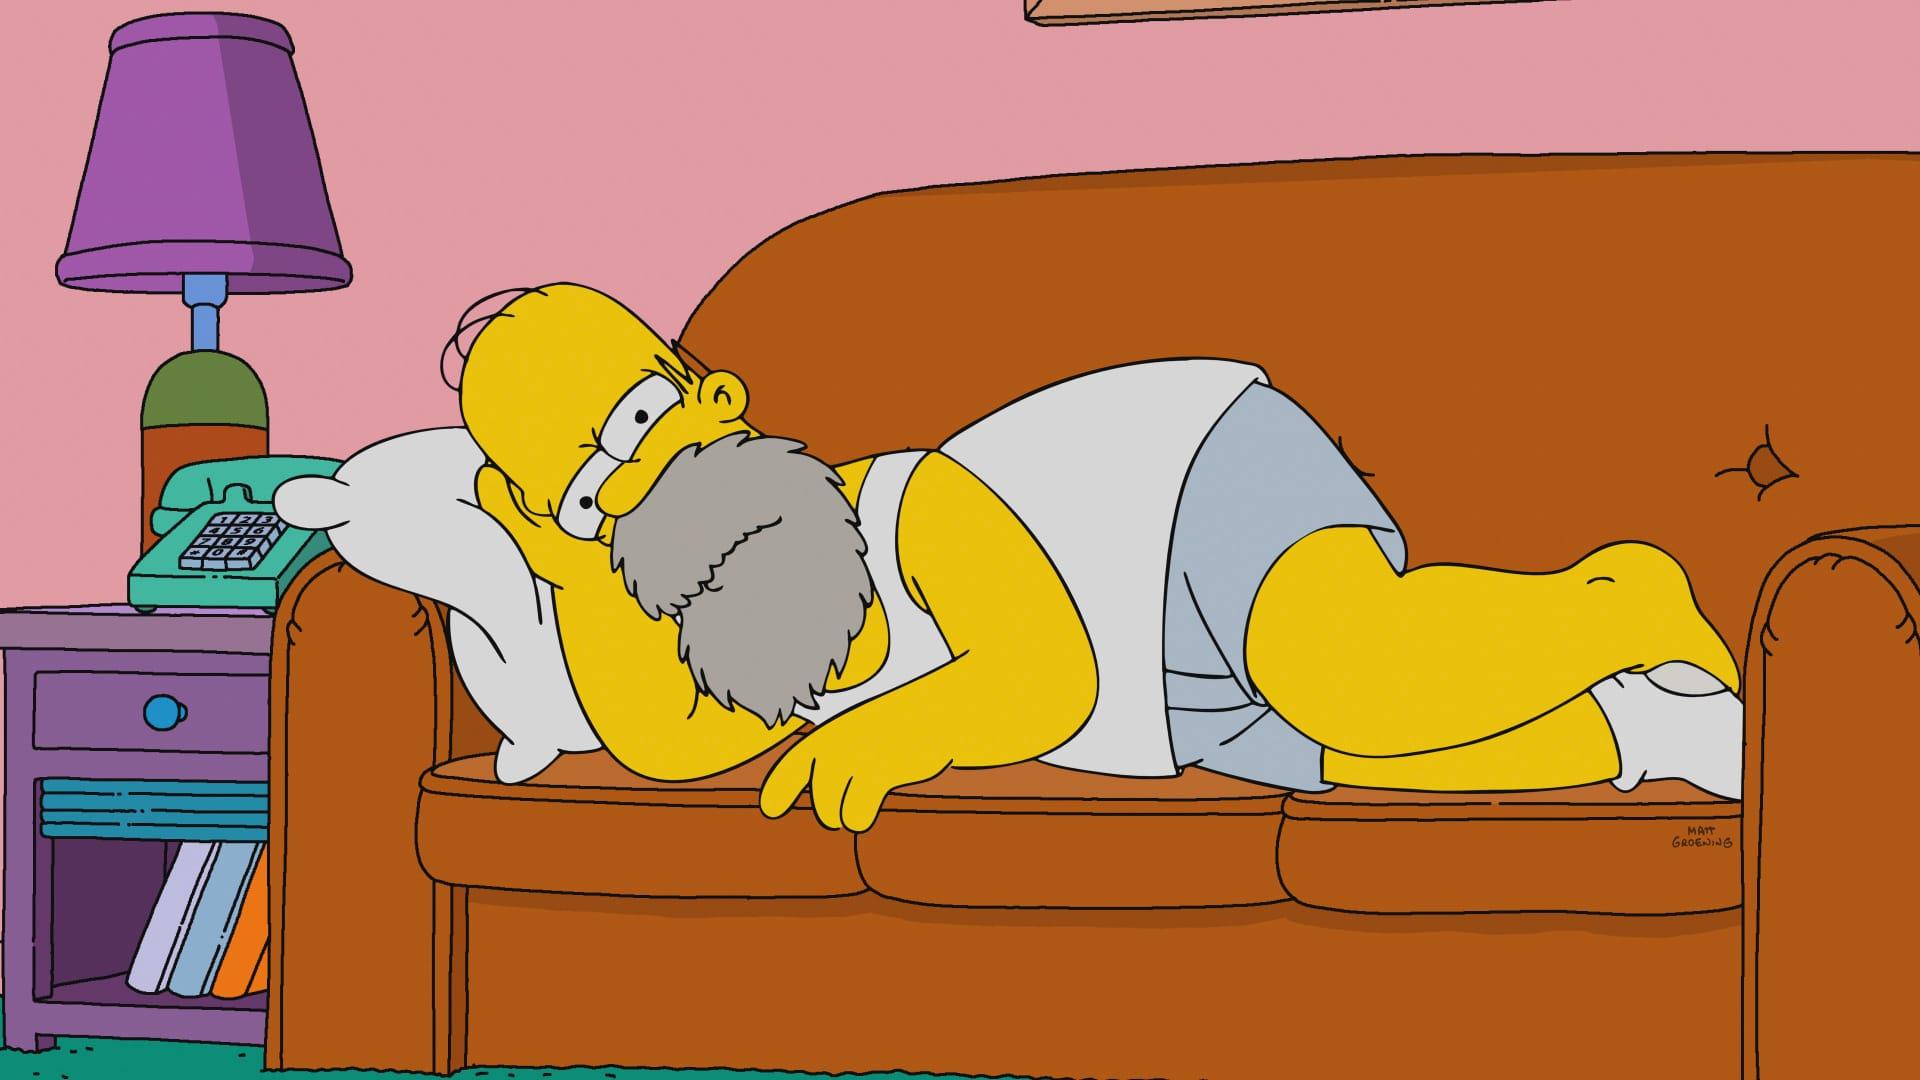 Les Simpson - Autonhomer